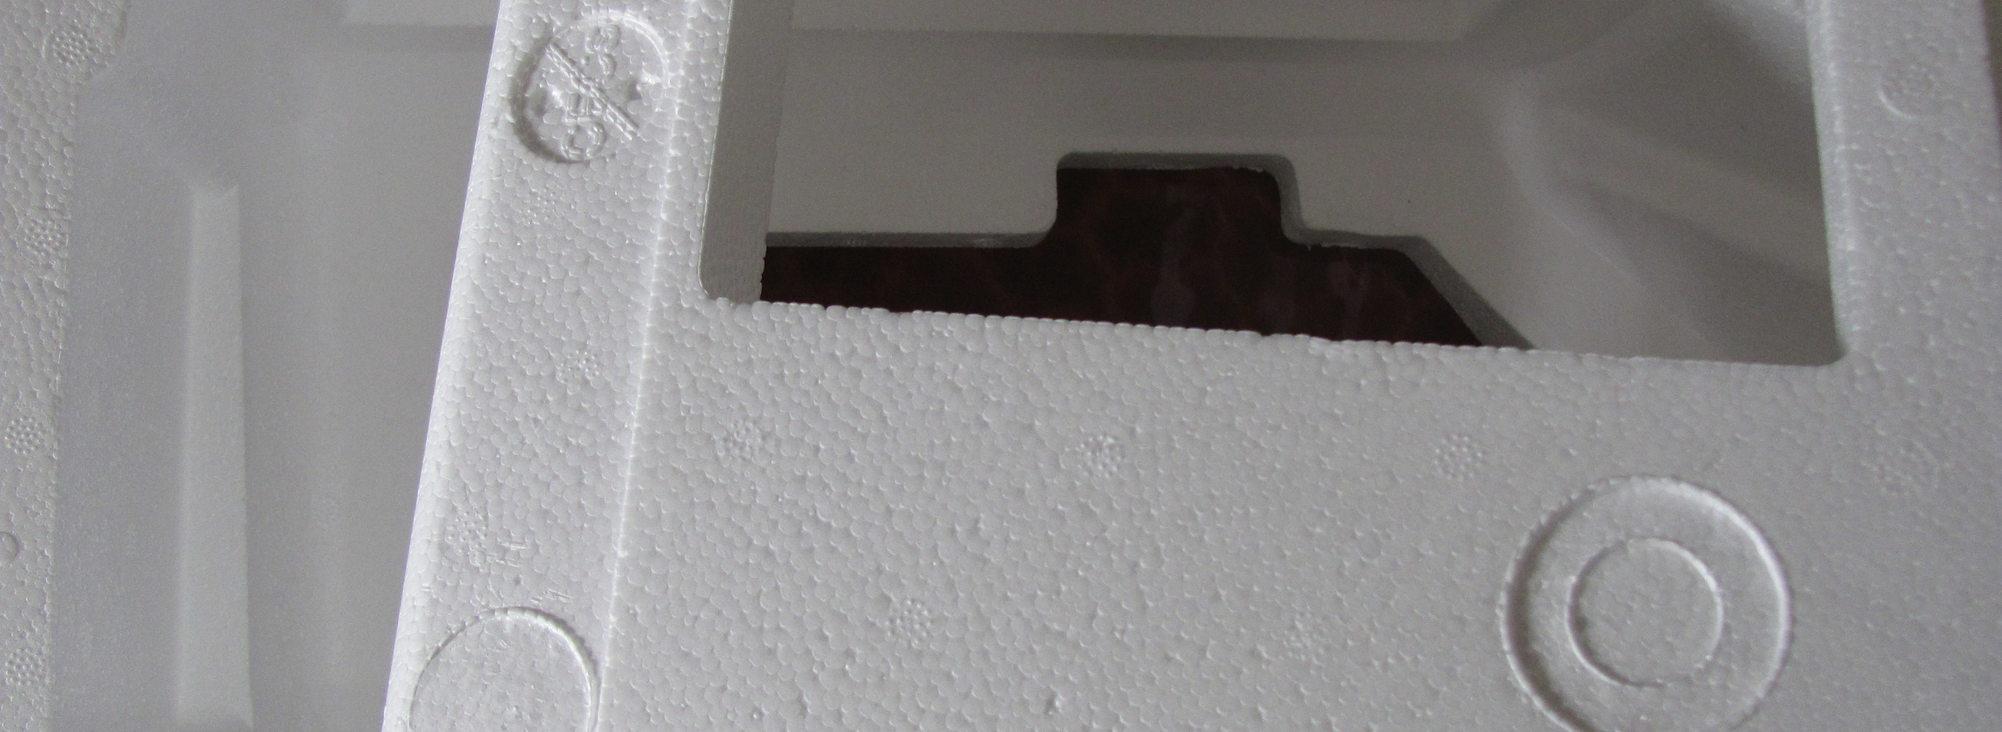 blocks of Styrofoam